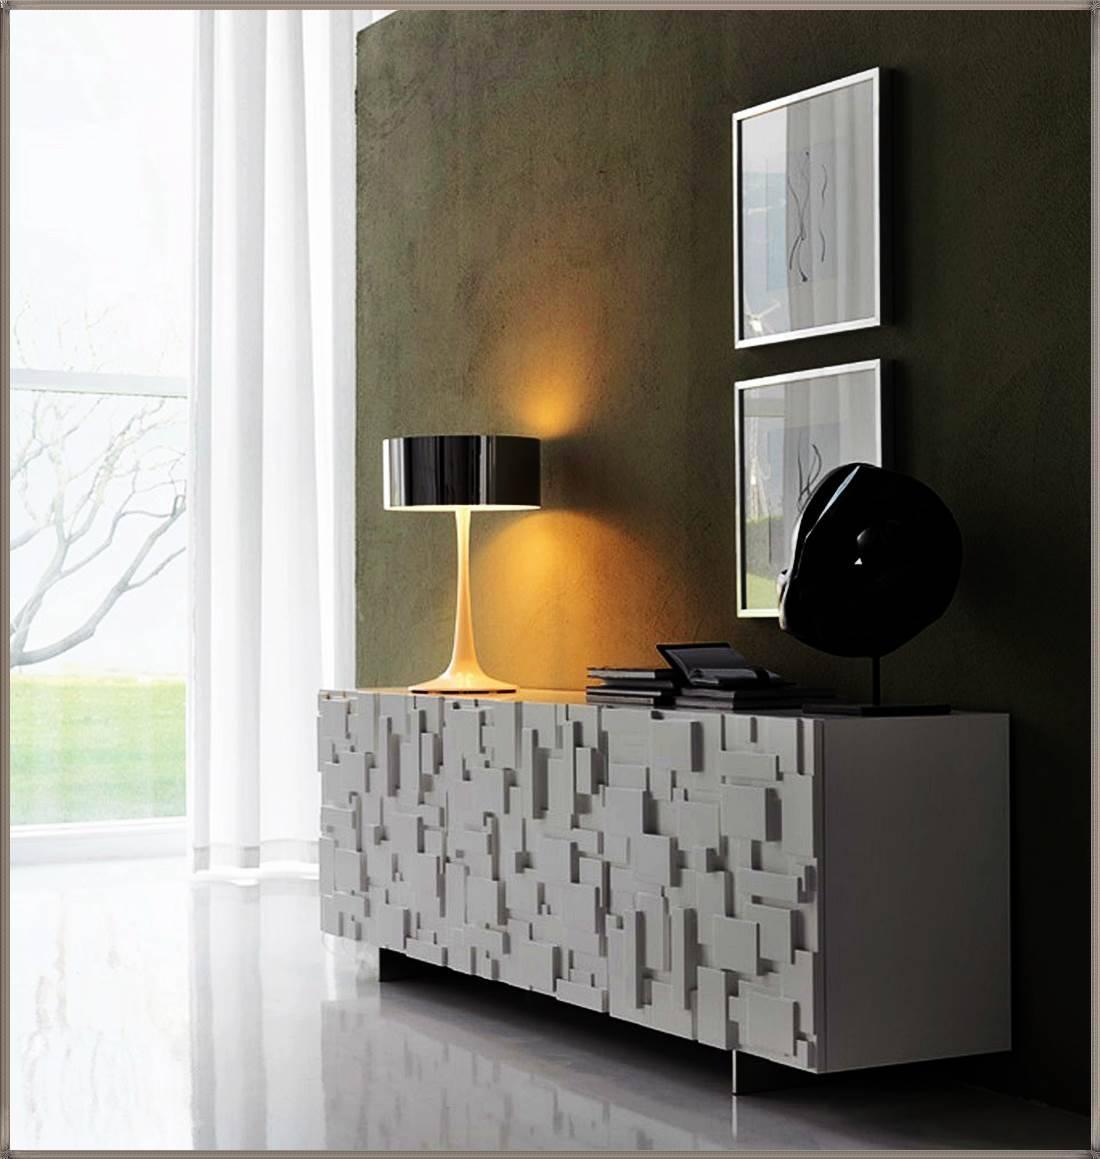 Malerisch Ausgefallene Kommoden Foto Von Inspiration About Sideboards | Home Referenzen Ideen